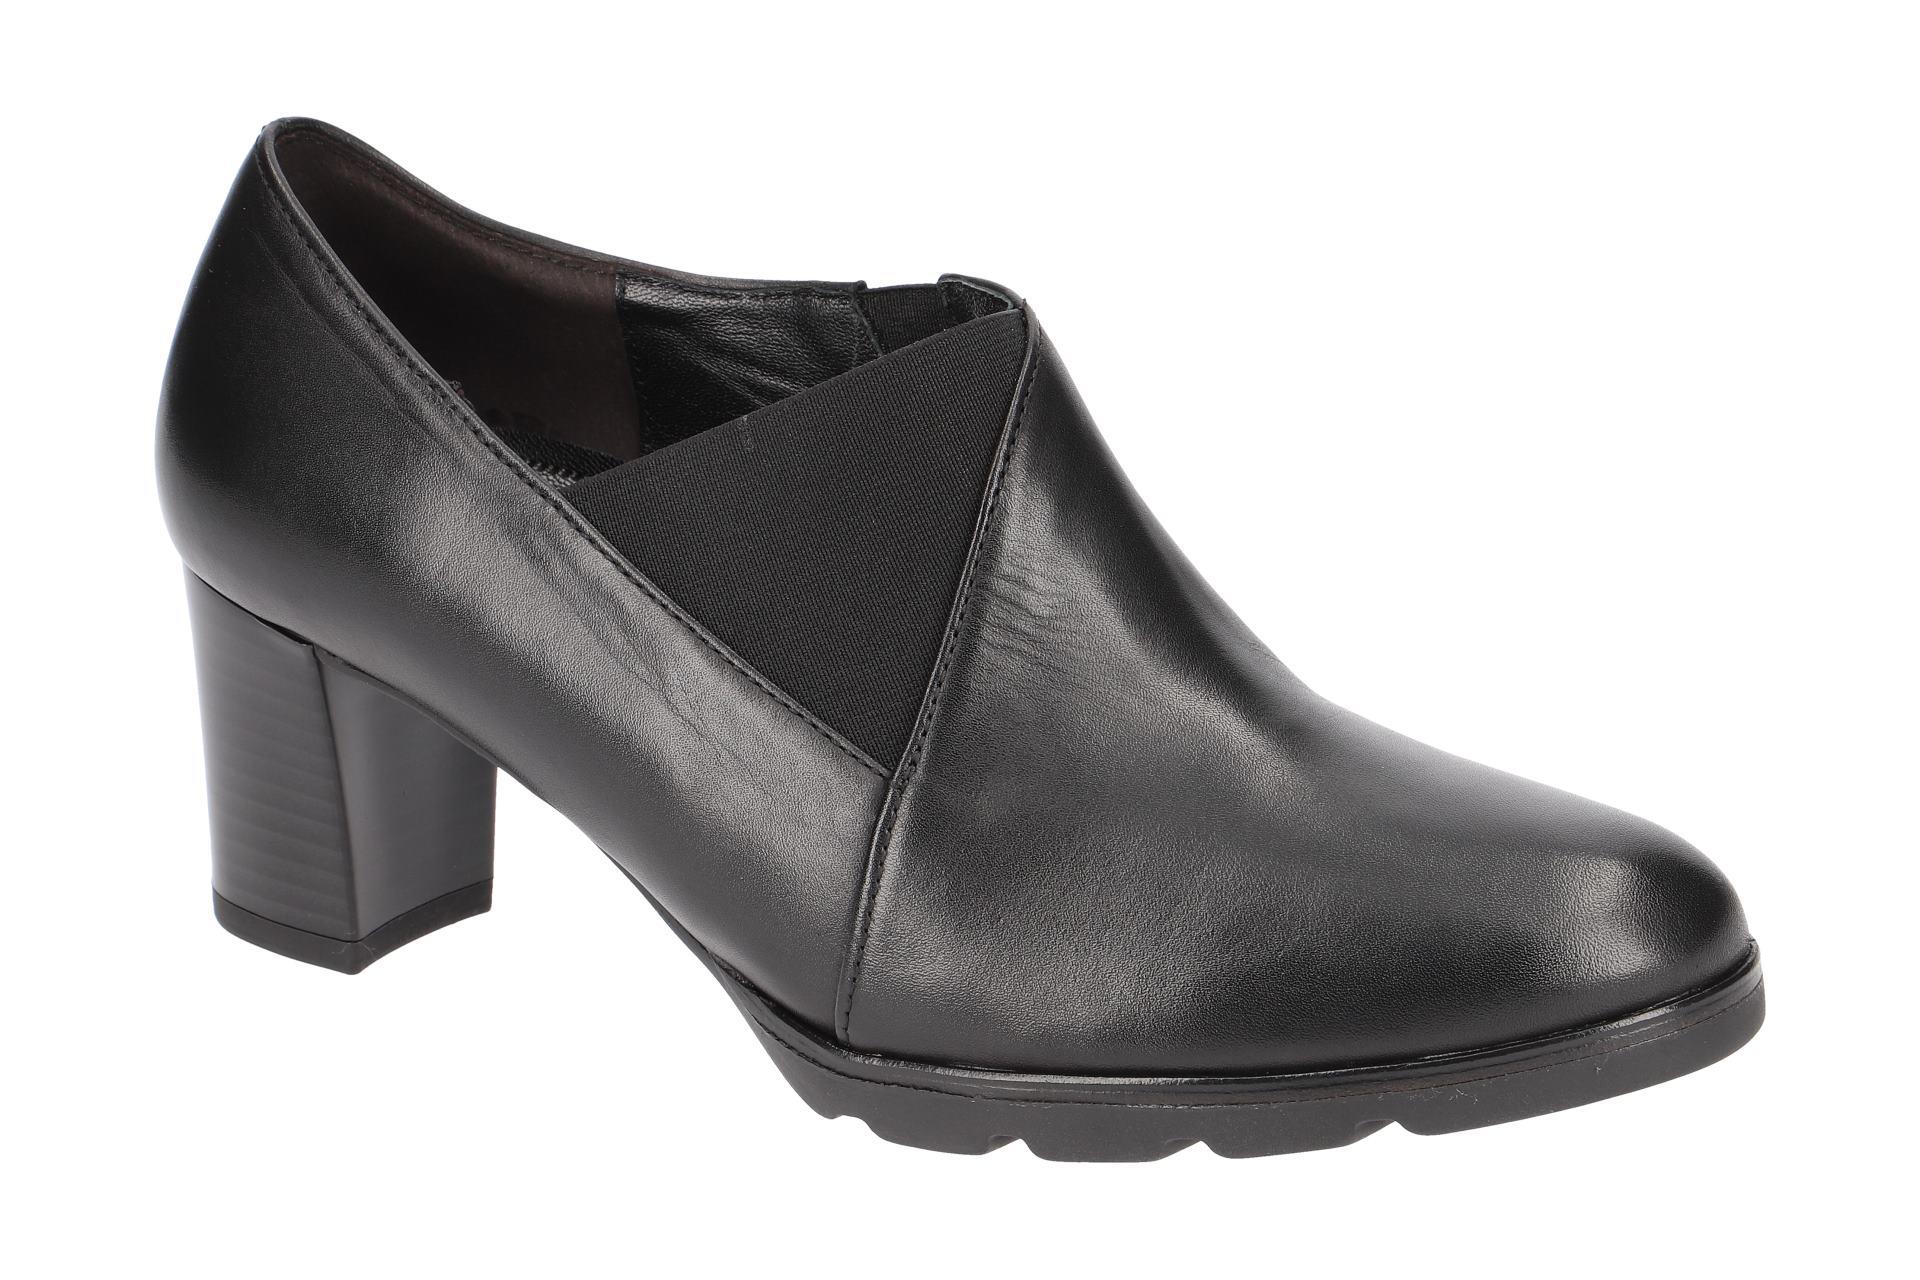 Slipper 102 Elegante Zu Neu Gabor Damenschuhe 92 57 Milano Details Schwarz Schuhe 0PX8nkNwO